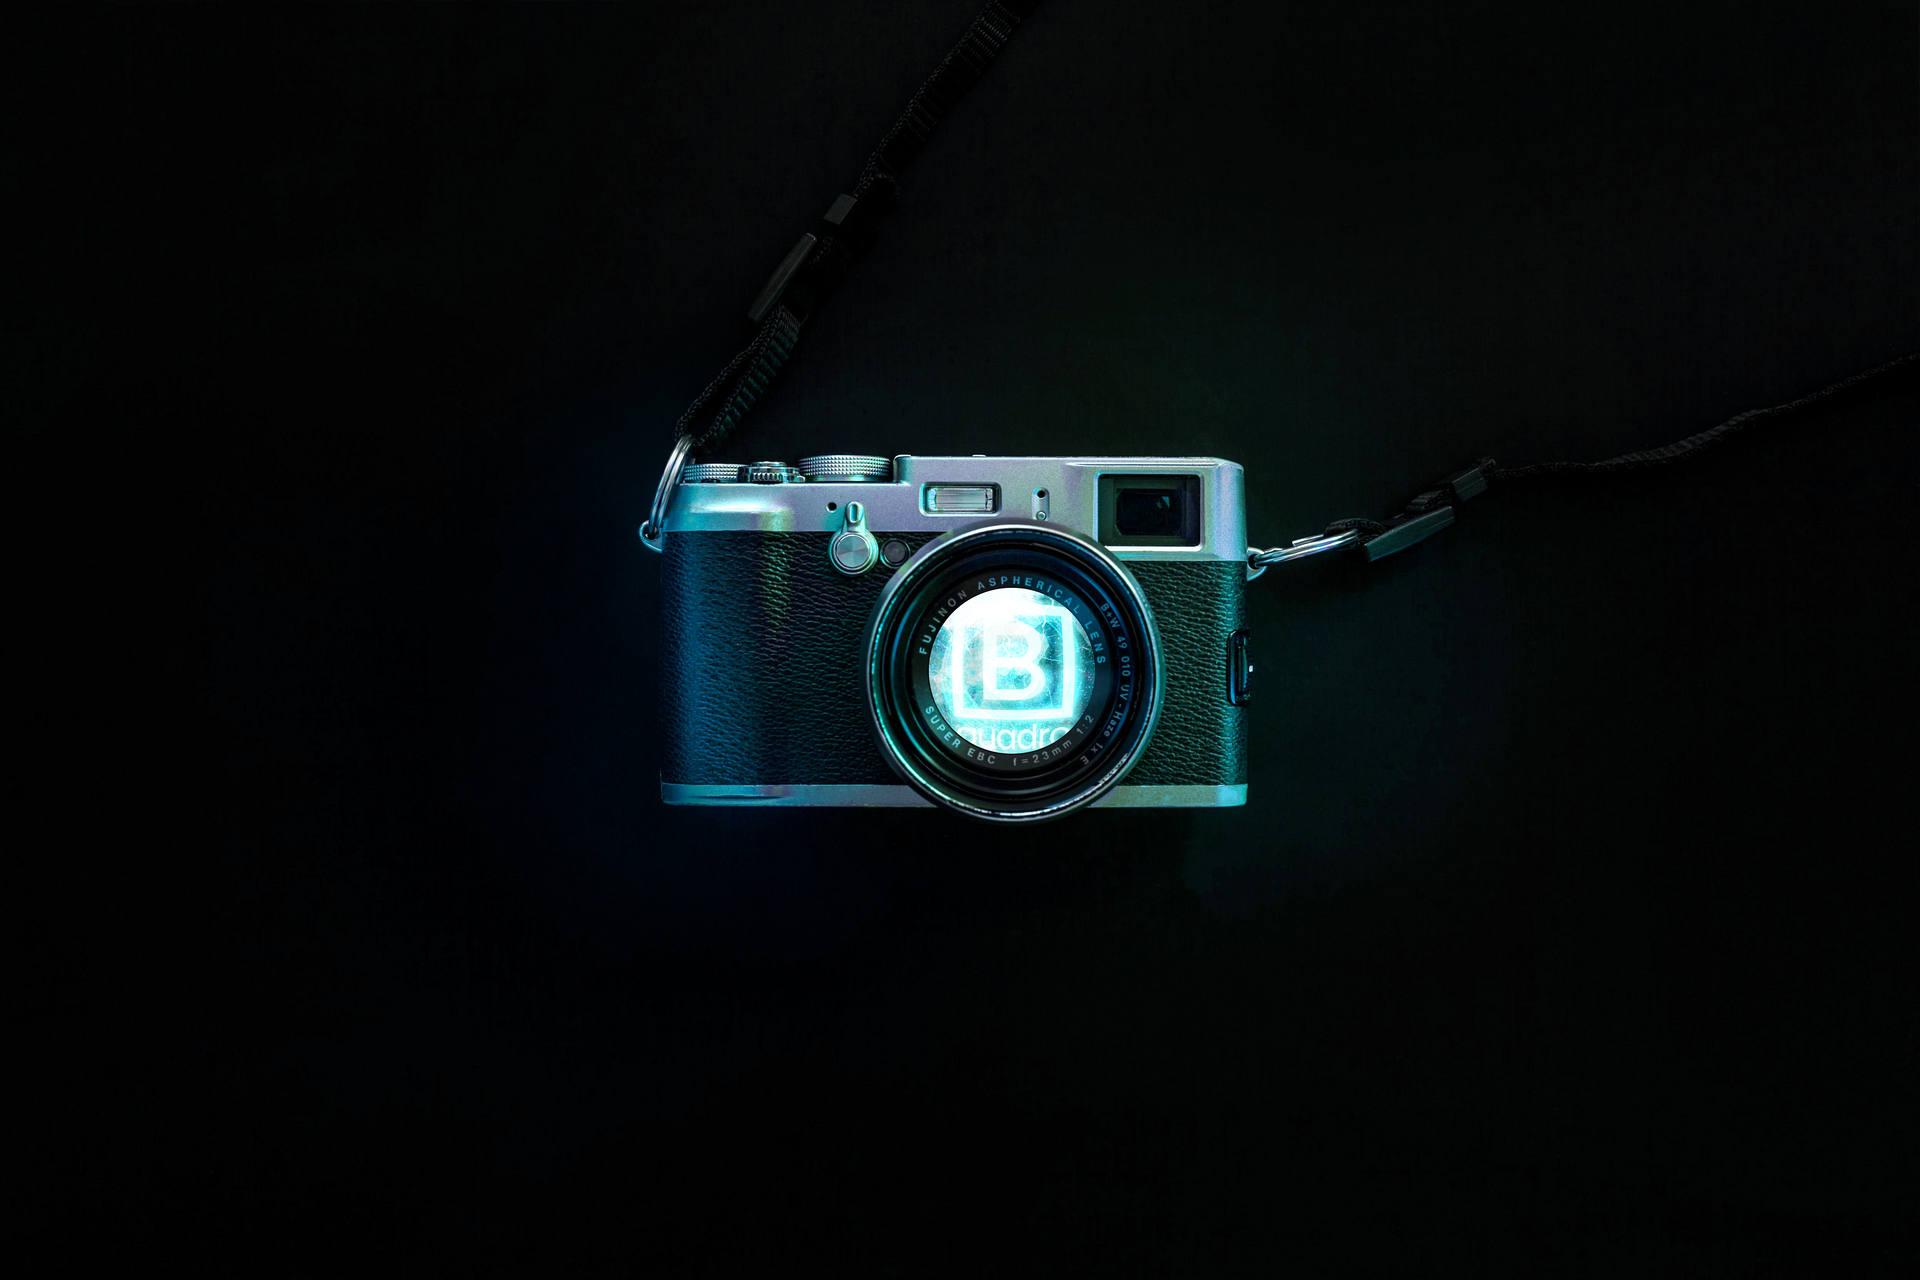 servizio-fotografico-aziendale-still-life-studio-fotografico-bquadro-agency-brescia